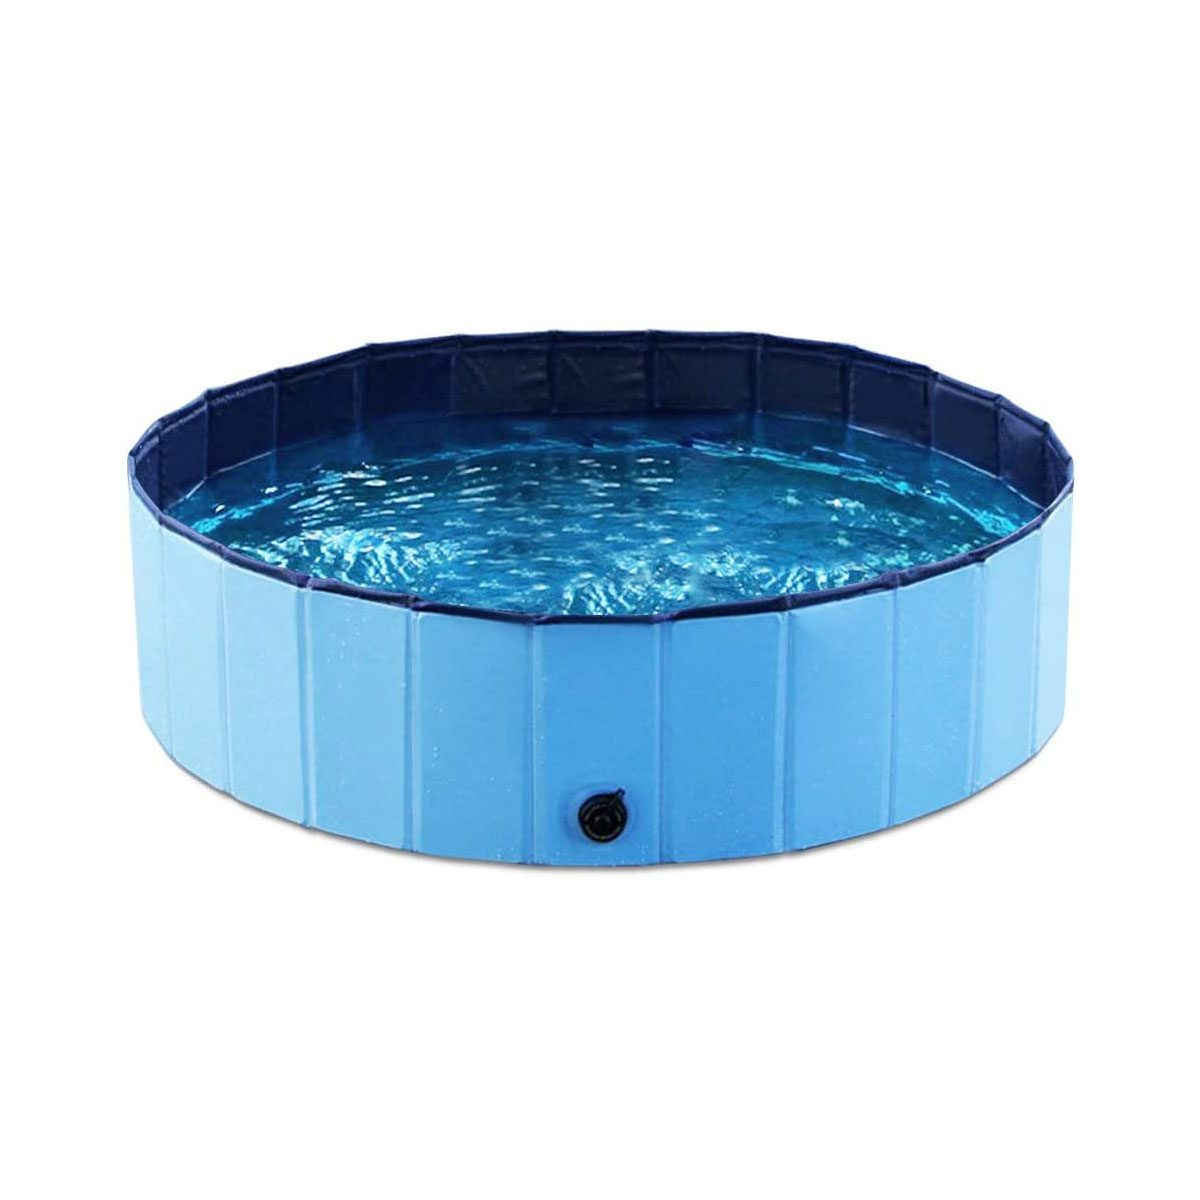 Blue kiddie pool